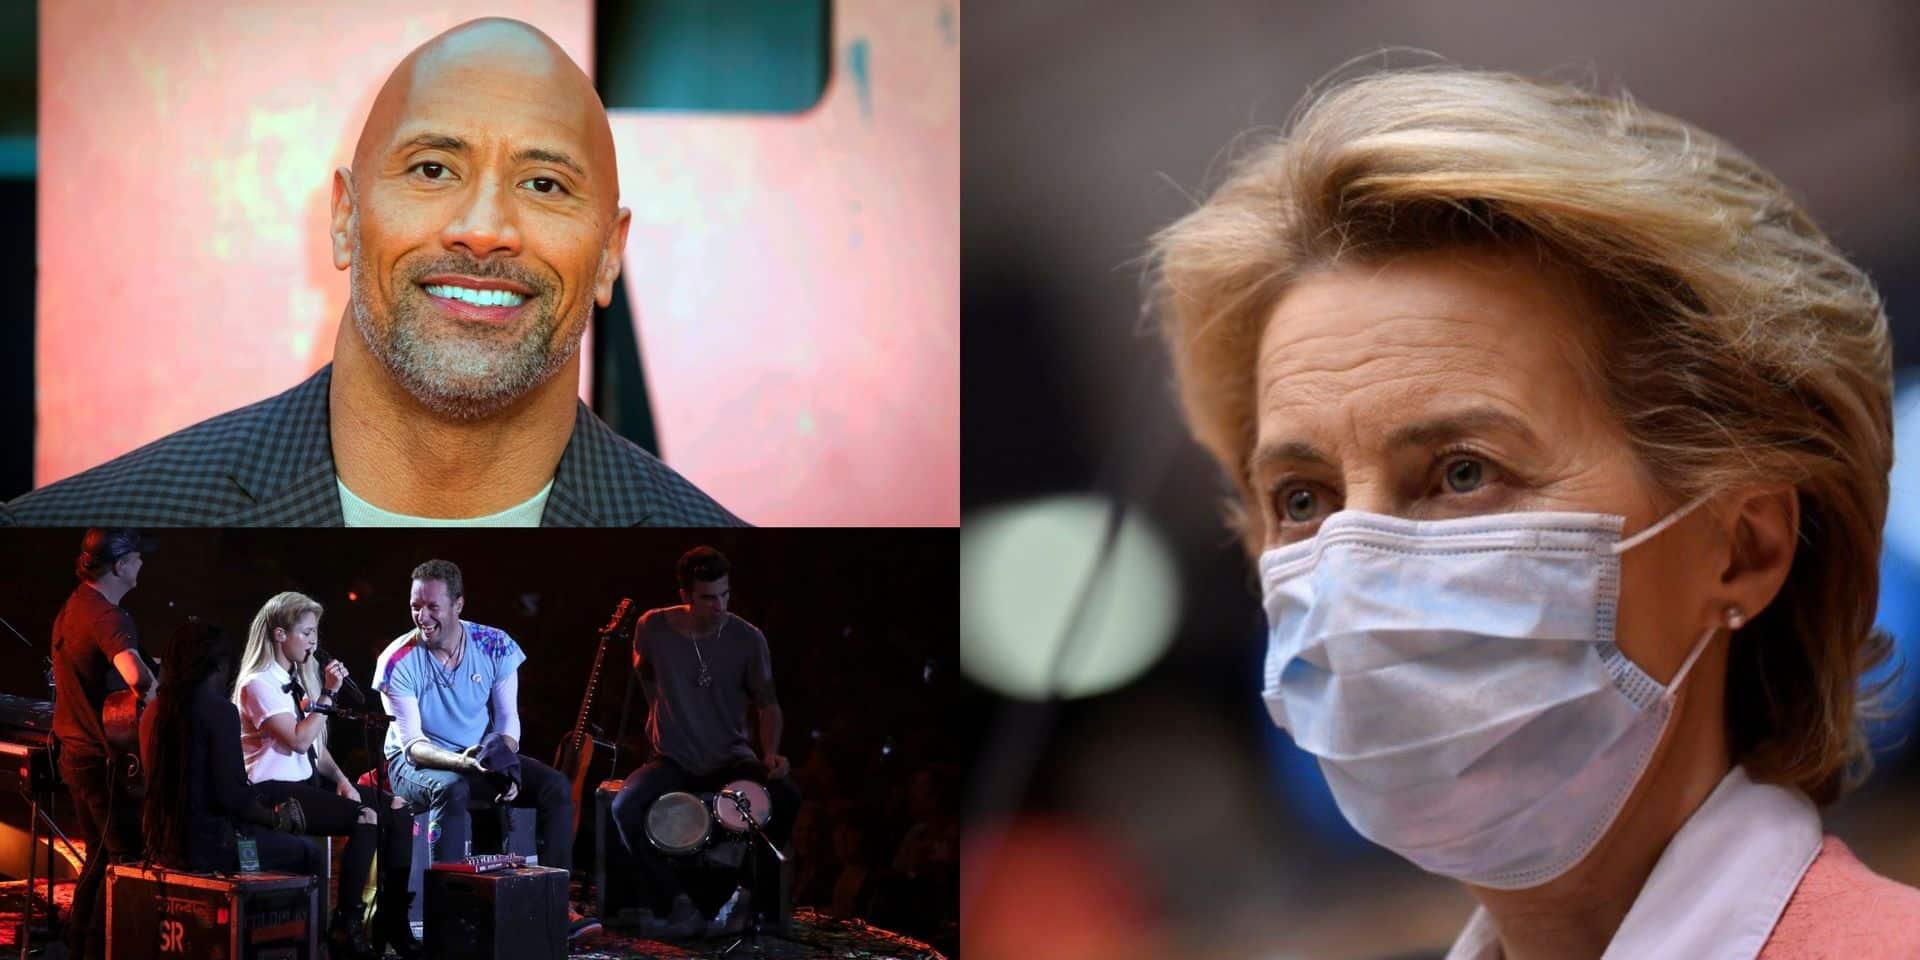 Vaccin contre le Covid-19: Coldplay, Miley Cyrus, Dwayne Johnson et d'autres stars aident l'UE à collecter des fonds